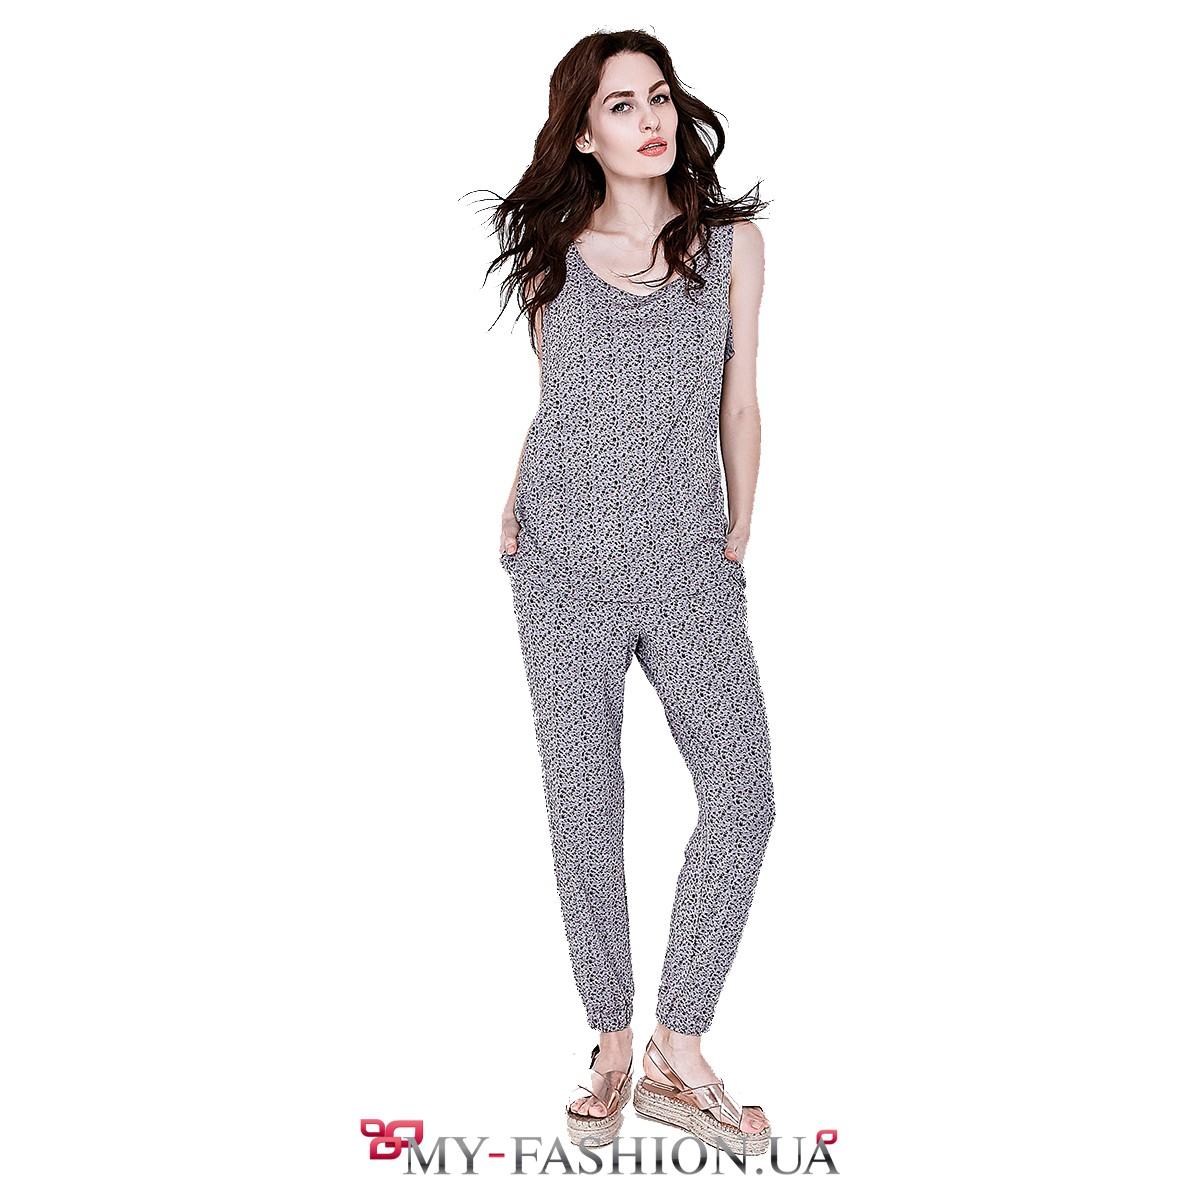 Женская одежда стильная купить онлайн